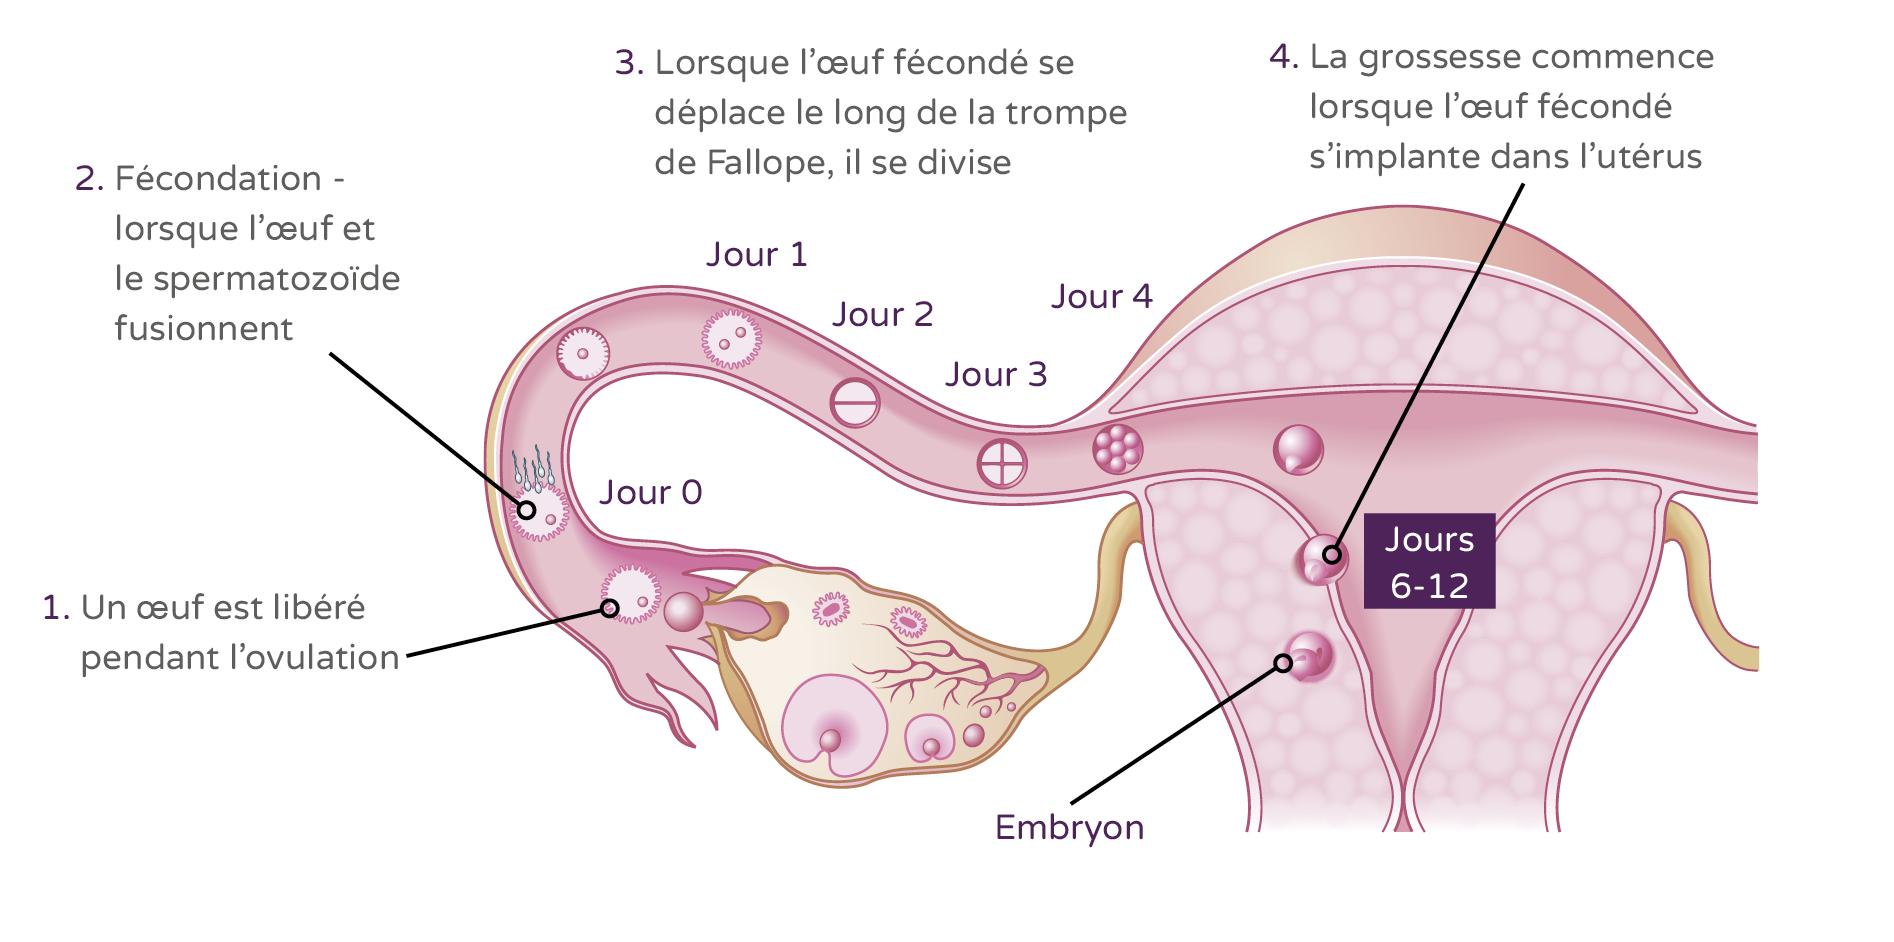 Signes de grossesse mais pas enceinte